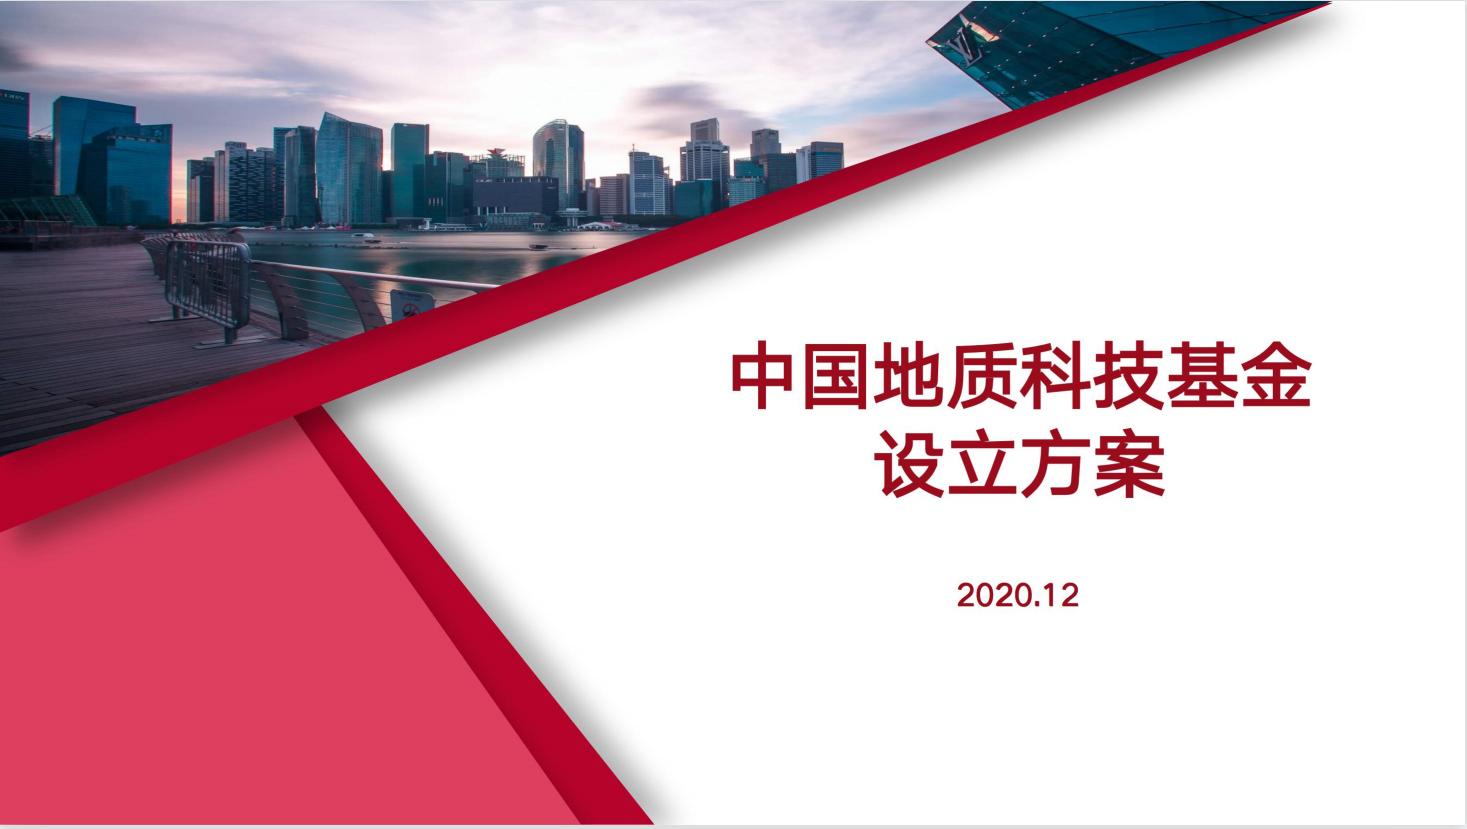 中国地质科技基金 -- 总规模 100亿